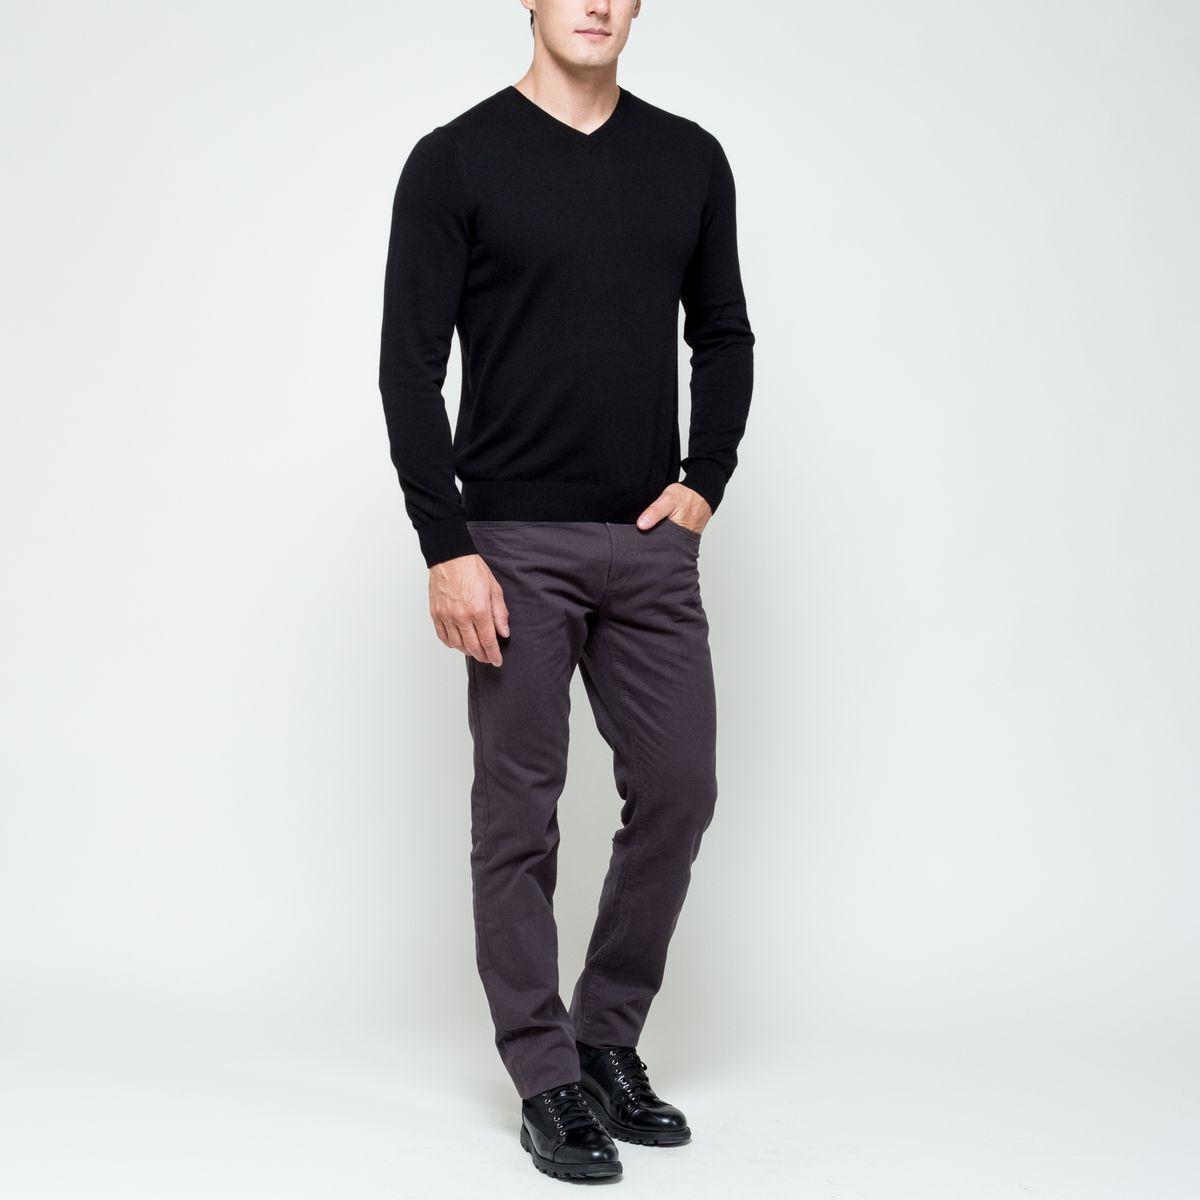 ПуловерJR-214/1002-6352Модный мужской пуловер Sela Basicвыполнен из натурального хлопка. Модель с V-образным вырезом горловины идеально подойдет для создания современного образа в стиле Casual. Вырез горловины, манжеты рукавов и низ изделия связаны резинкой.